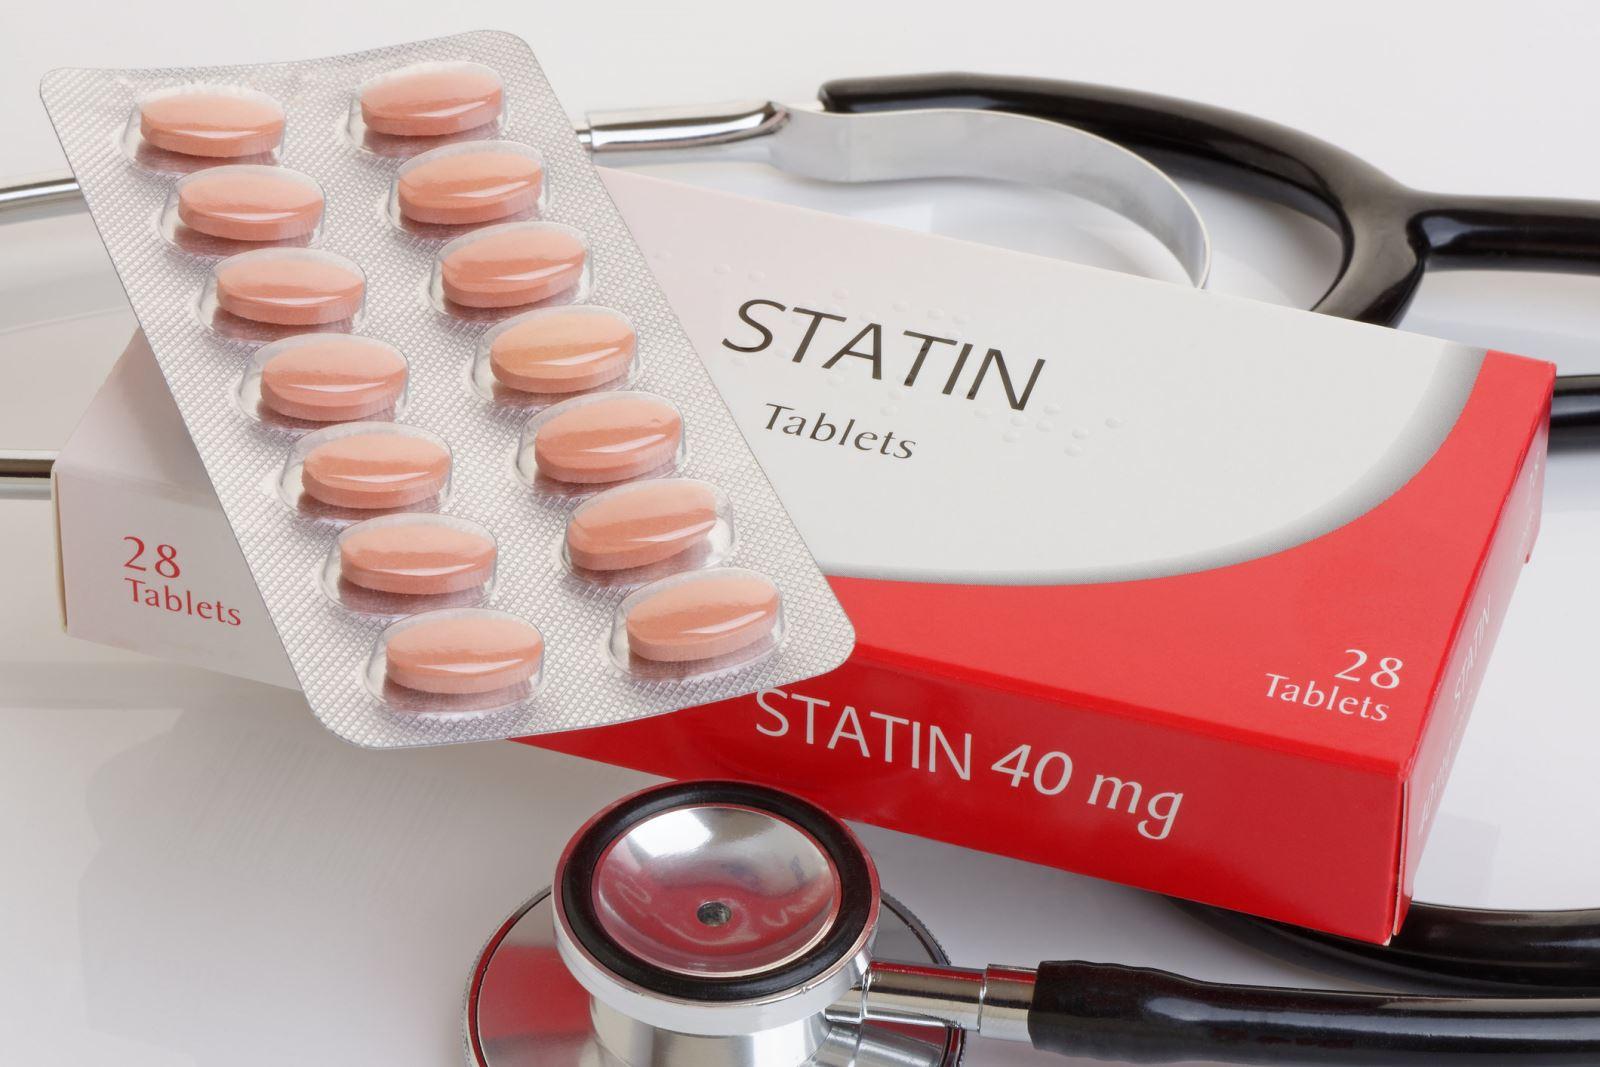 Có thể chỉ cần bắt đầu dự phòng bằng statin ở bệnh nhân có ngưỡng nguy cơ tim mạch trong 10 năm cao hơn: khuyến cáo từ một nghiên cứu